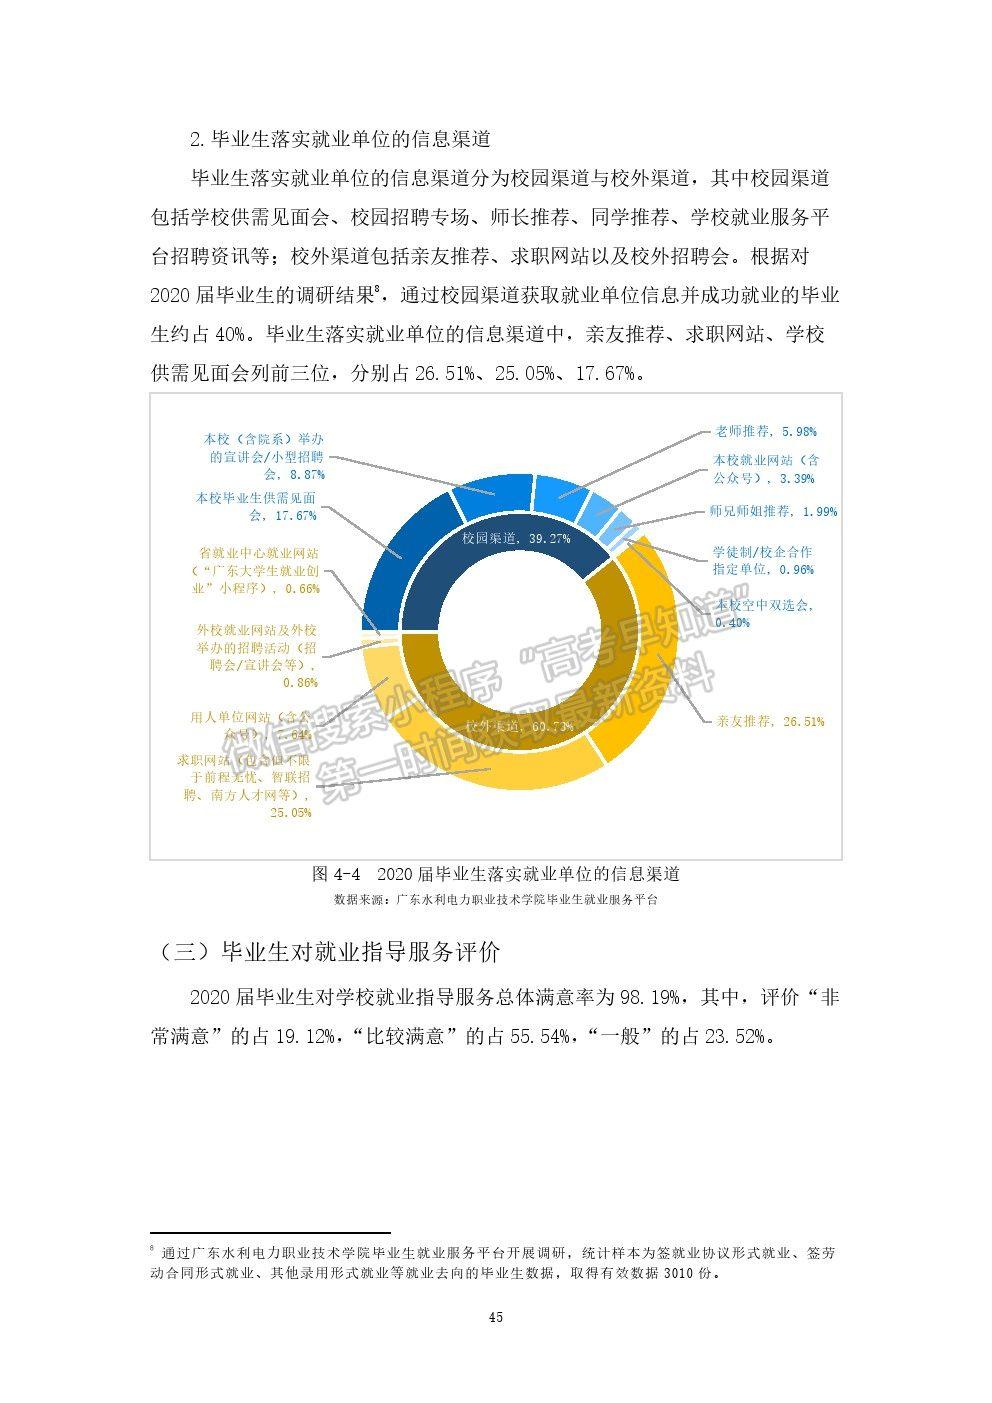 广东水利电力职业技术学院2020年 毕业生就业质量年度报告